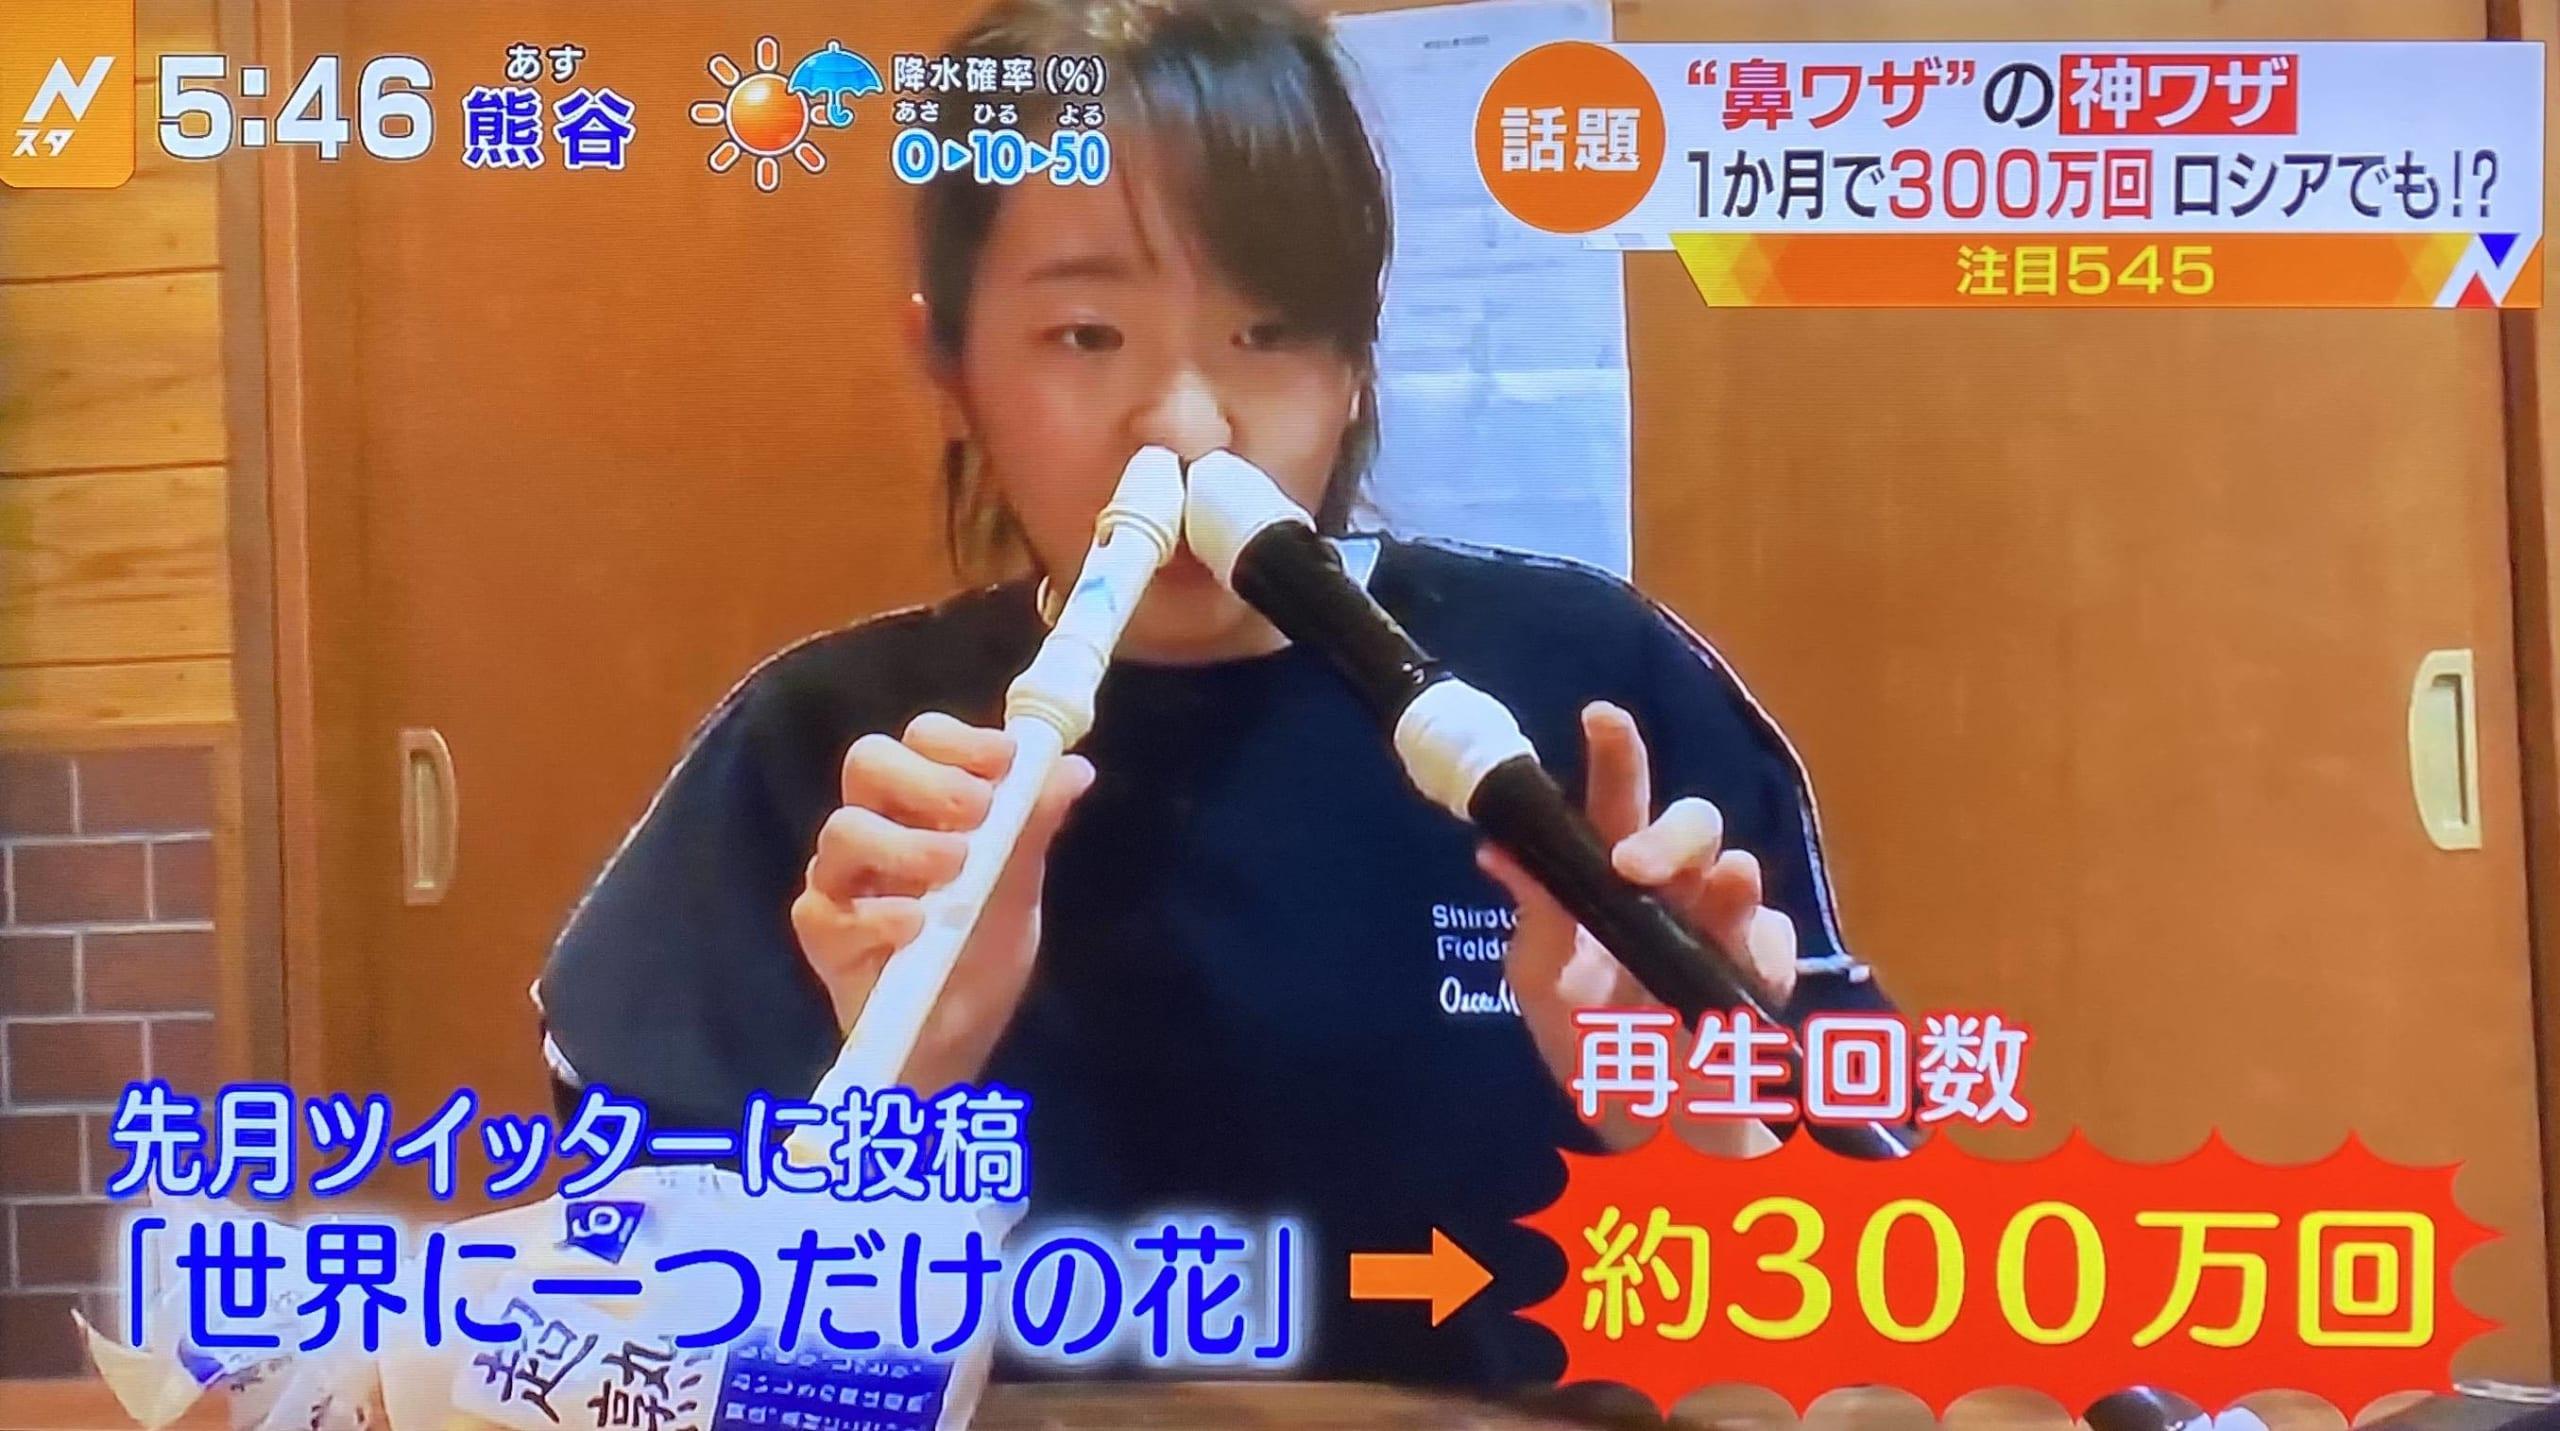 槇原敬之 逮捕 鼻リコーダー JK 世界に一つだけの鼻